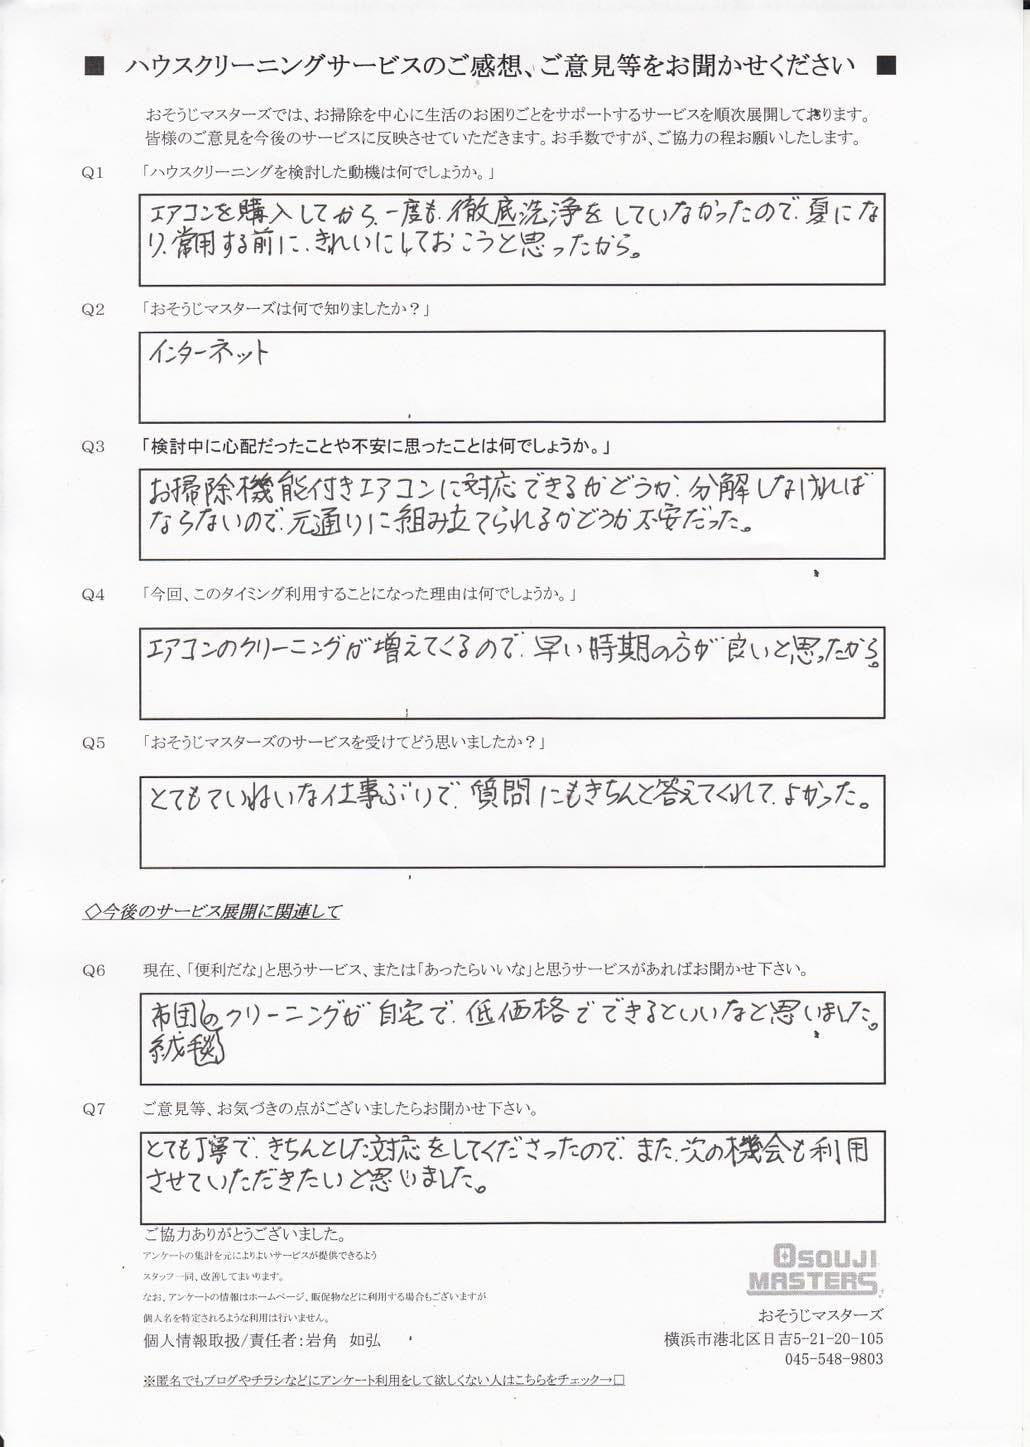 2015/07/09 エアコンクリーング 【横浜市戸塚区】